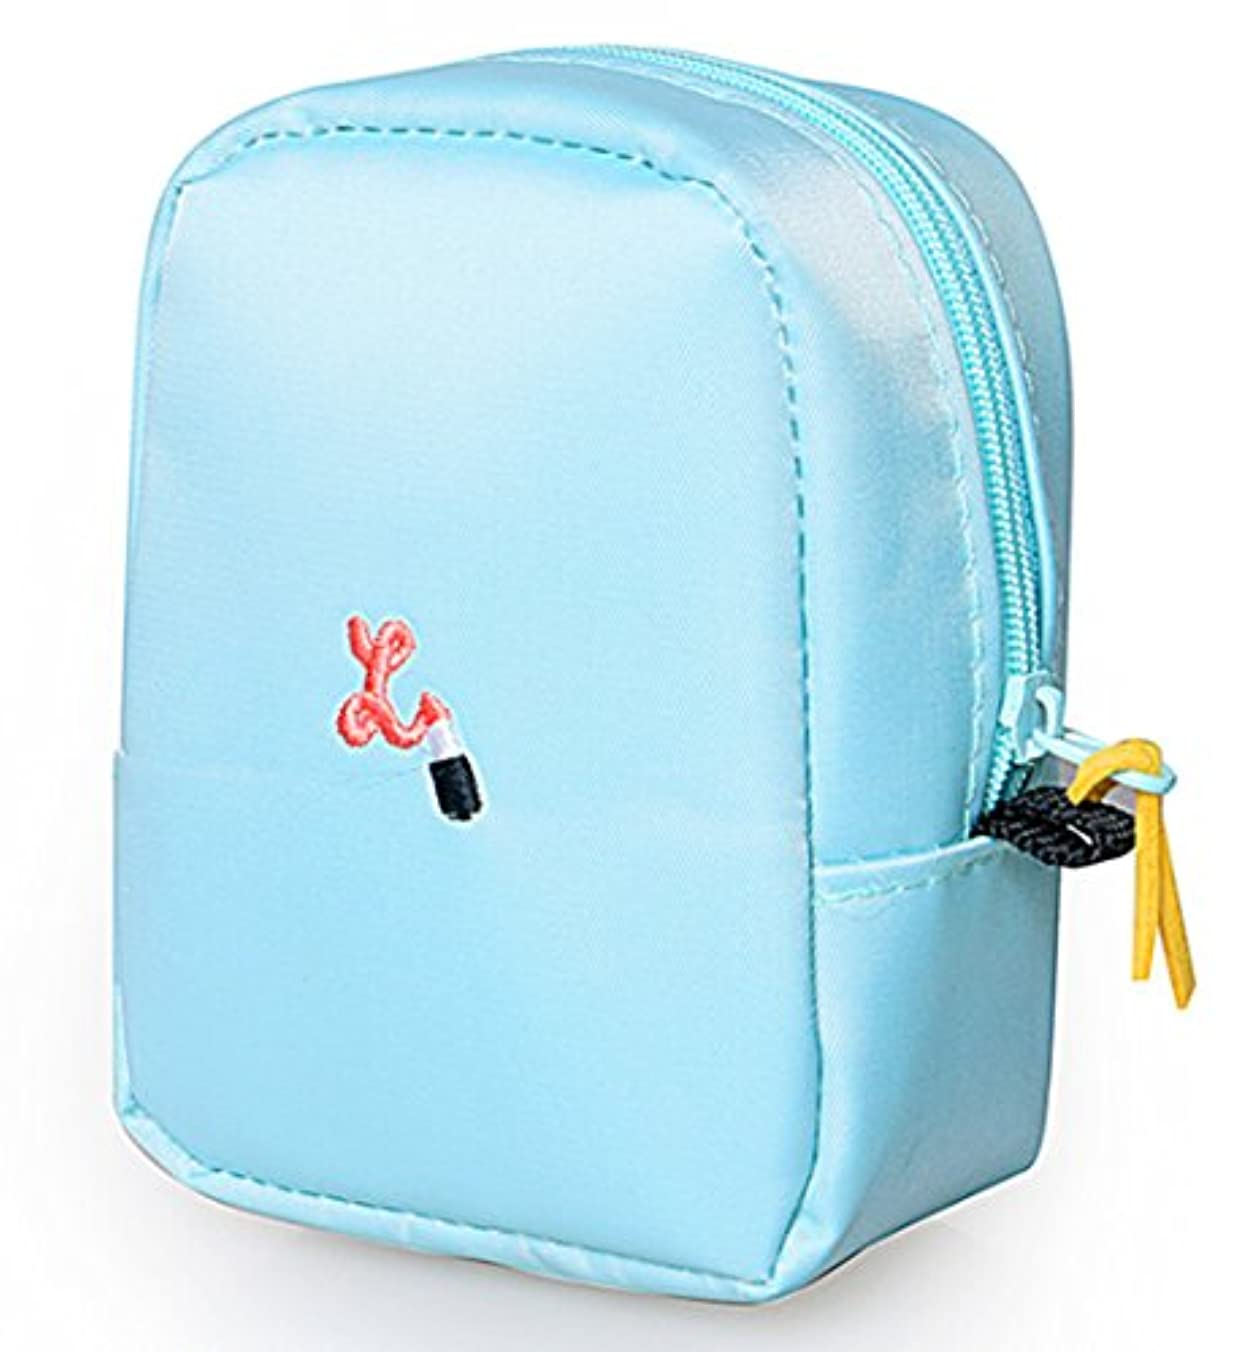 置き場抵当独創的口紅リップグロス 刺繍 ミニ ポーチ バッグインバッグ レディース 可愛い マルチポーチ お化粧 小物入れ ミニ バッグ